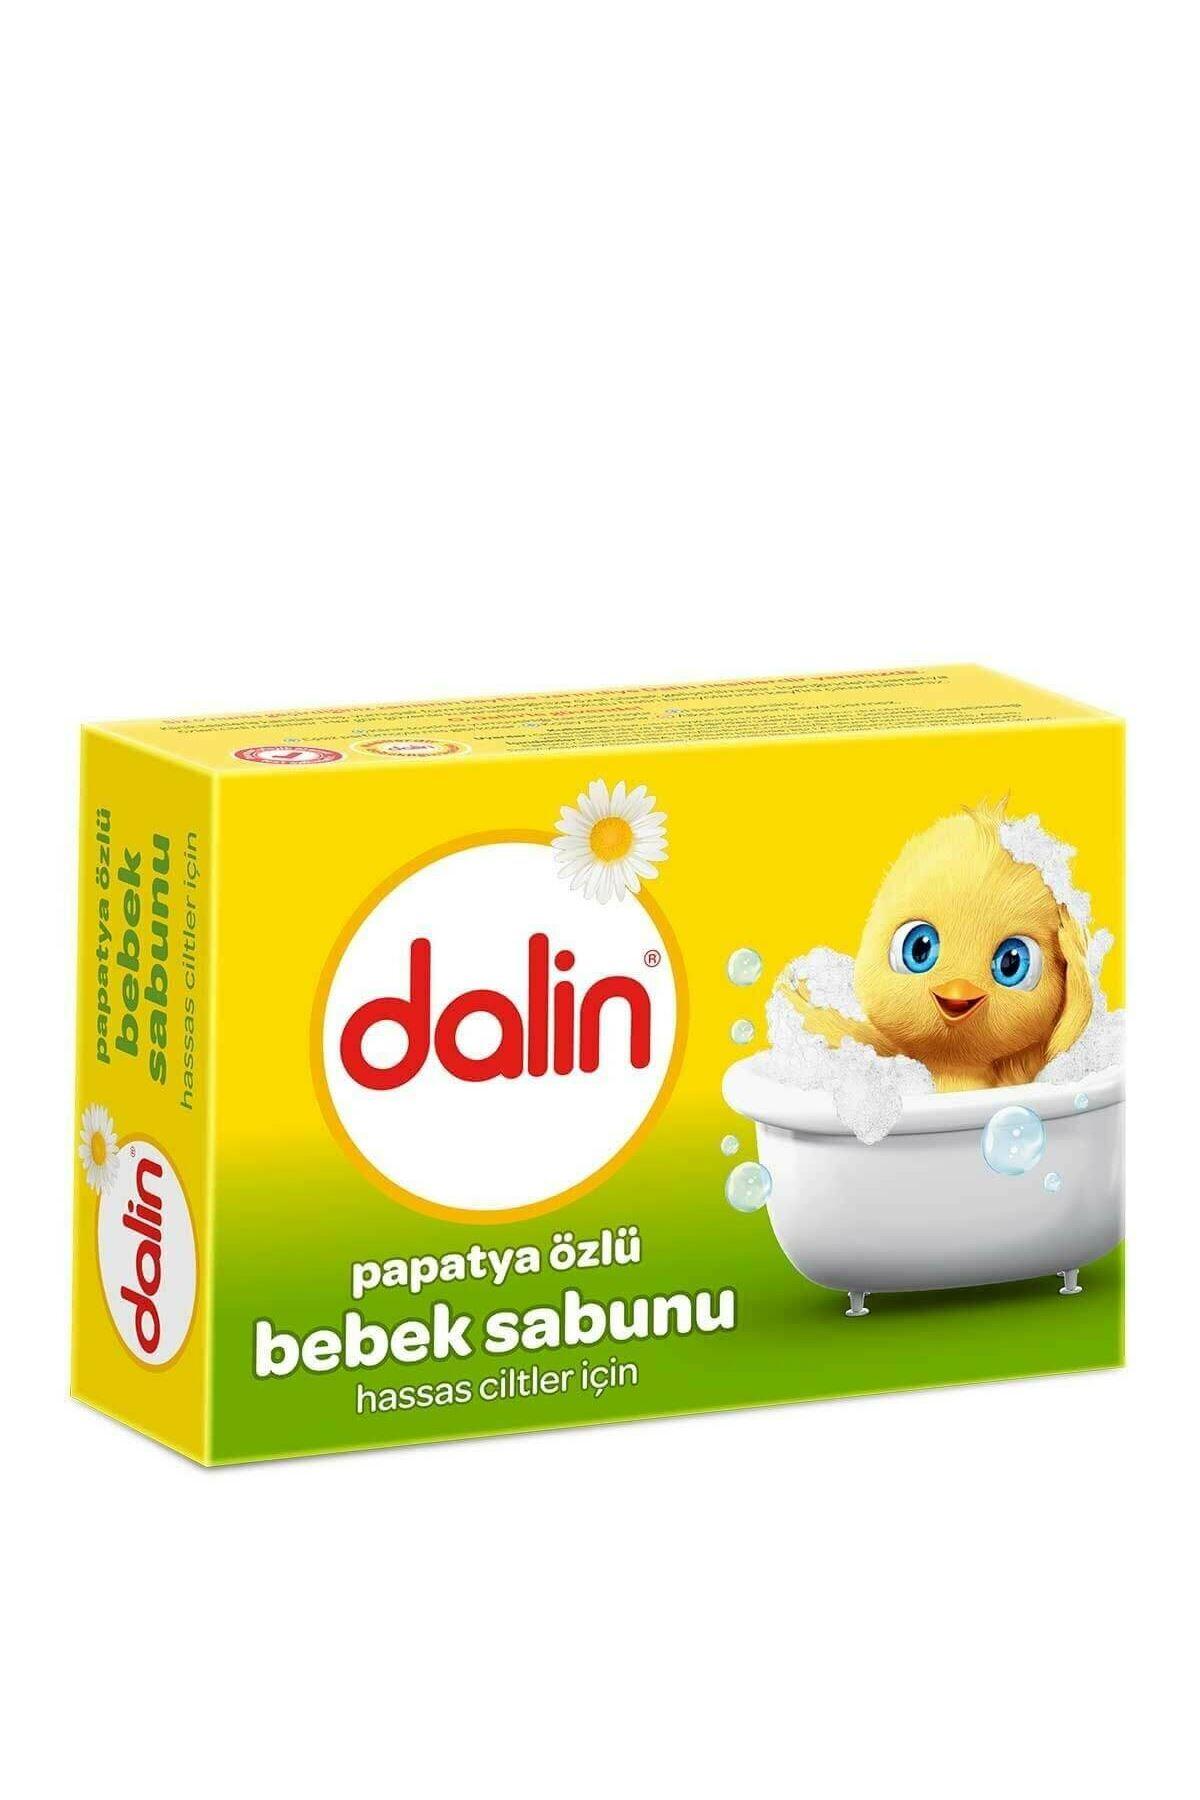 Dalin Papatya Özlü Sabun 100 Gr